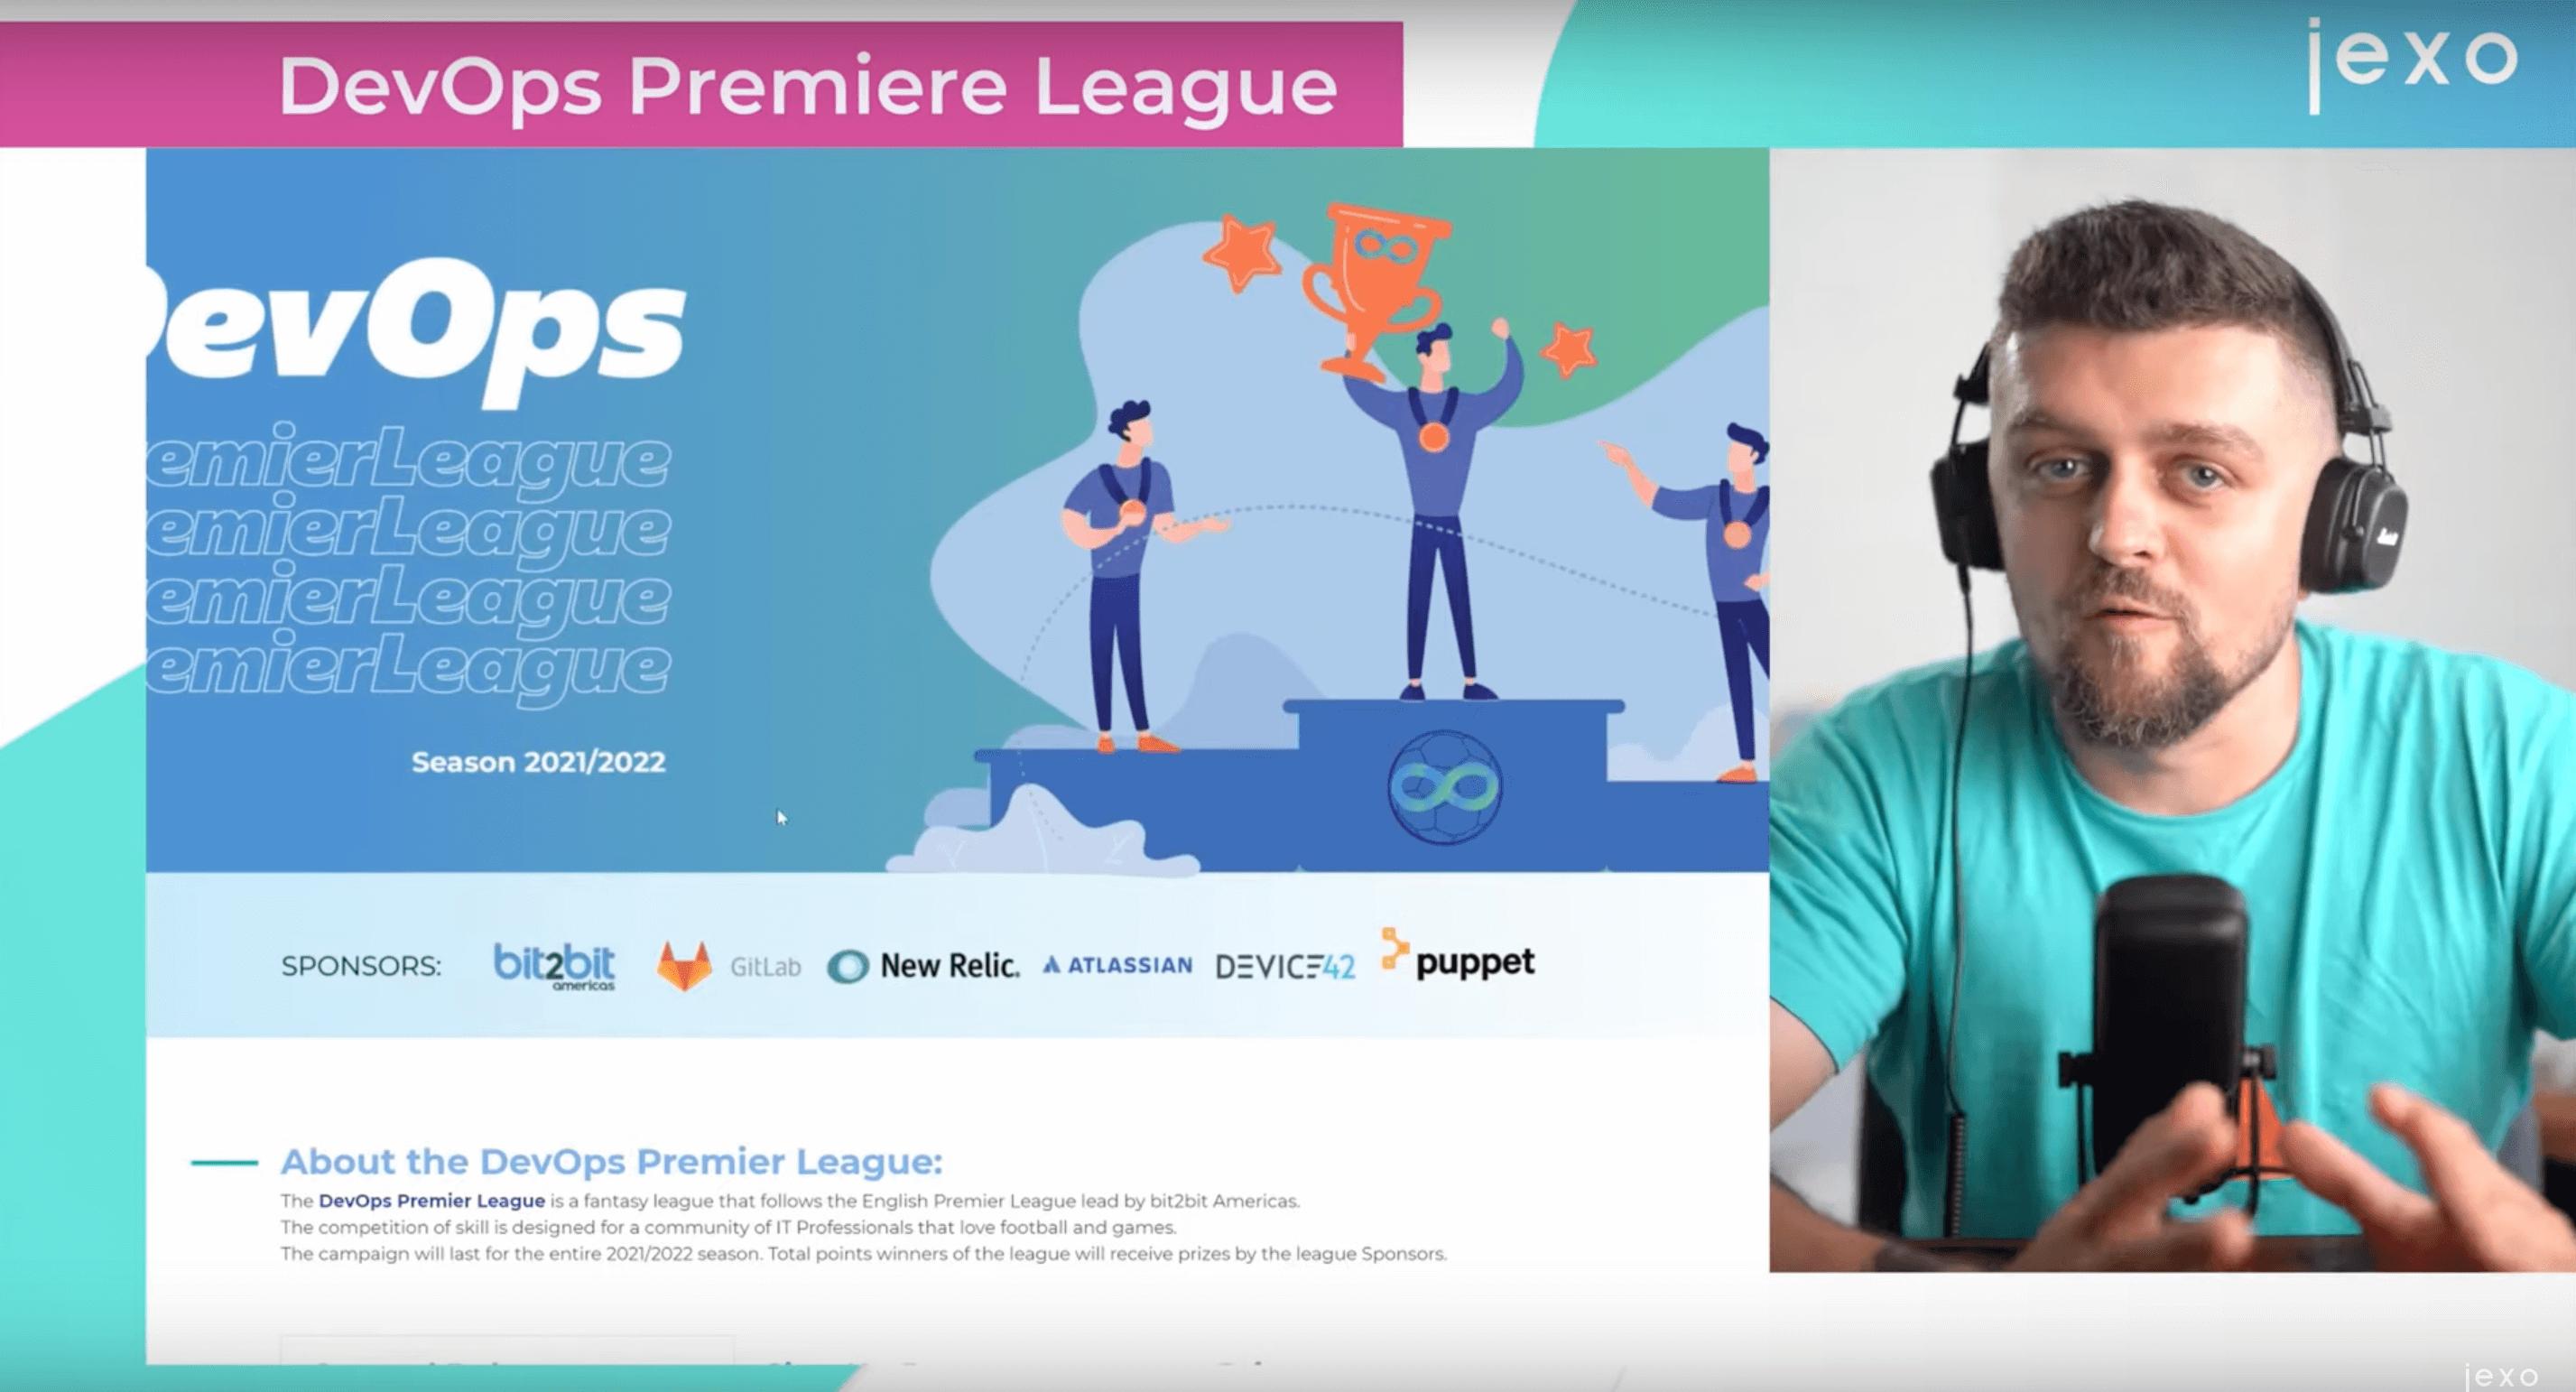 Atlassian News: DevOps Premier League is kicking off